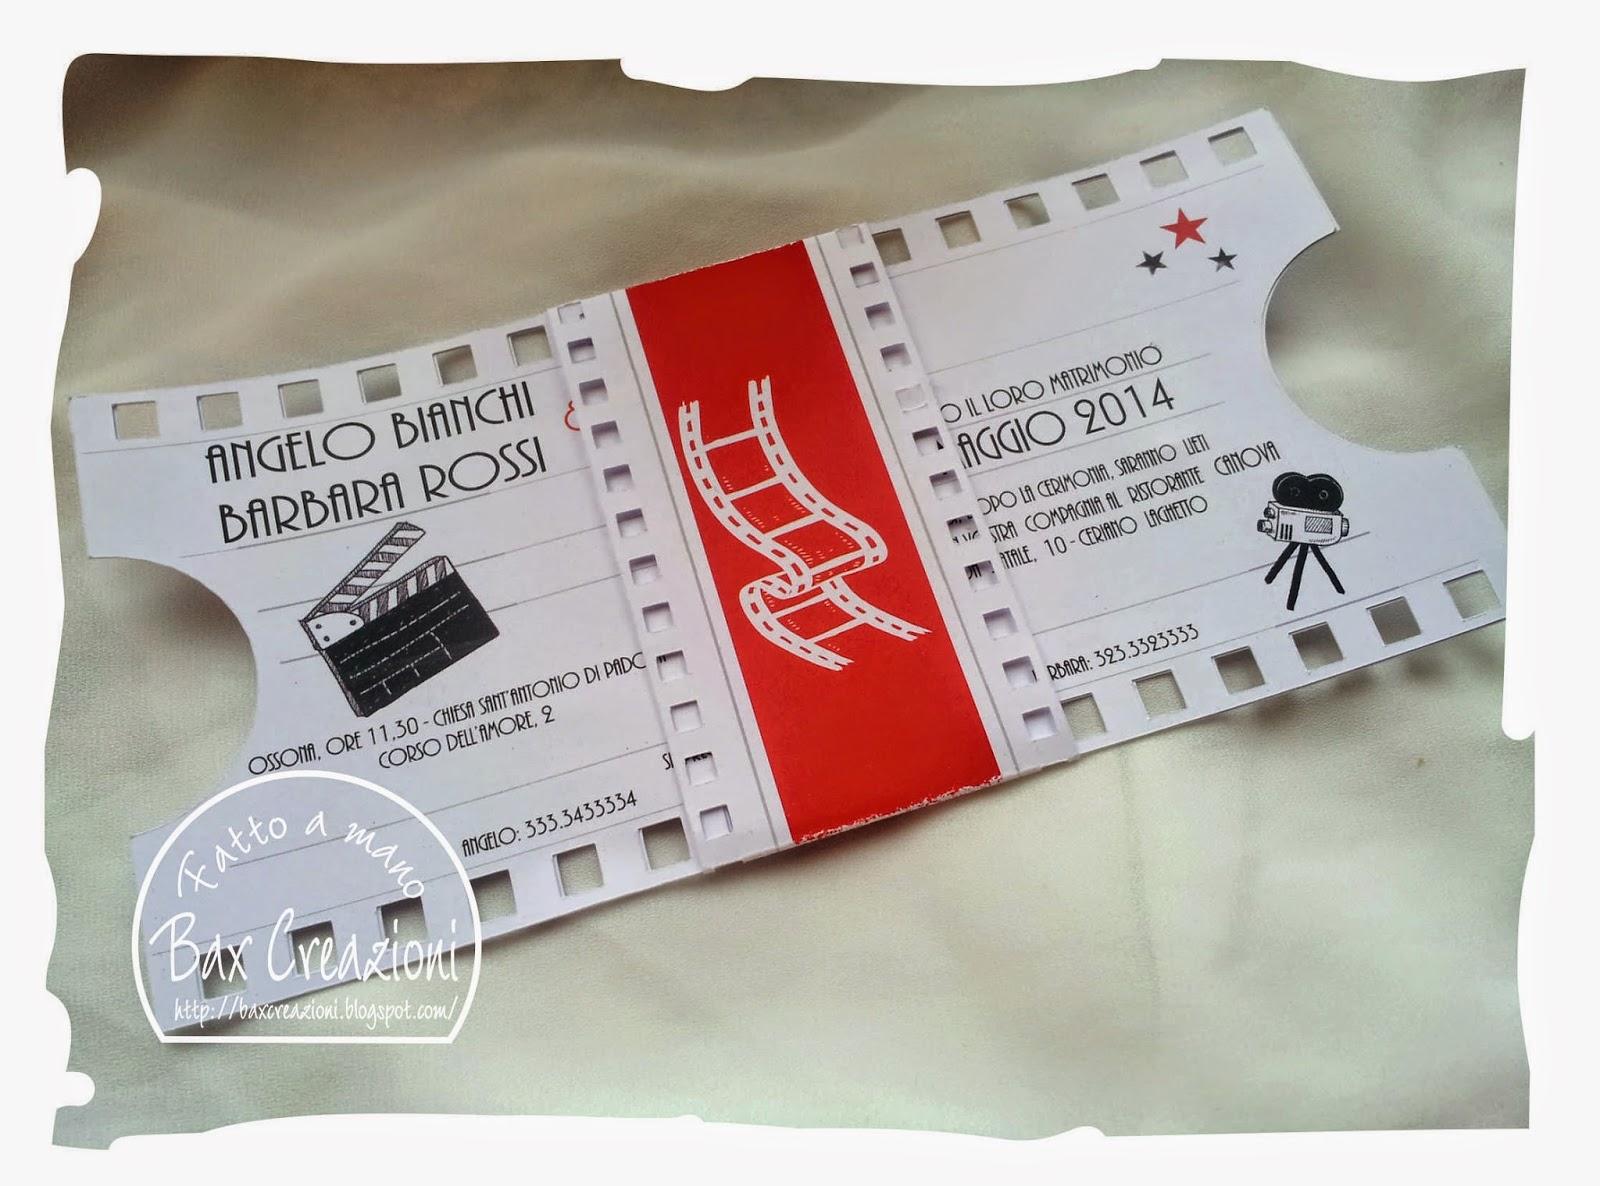 abbastanza Bax Creazioni: Partecipazione e mappa a tema Cinema ZI79